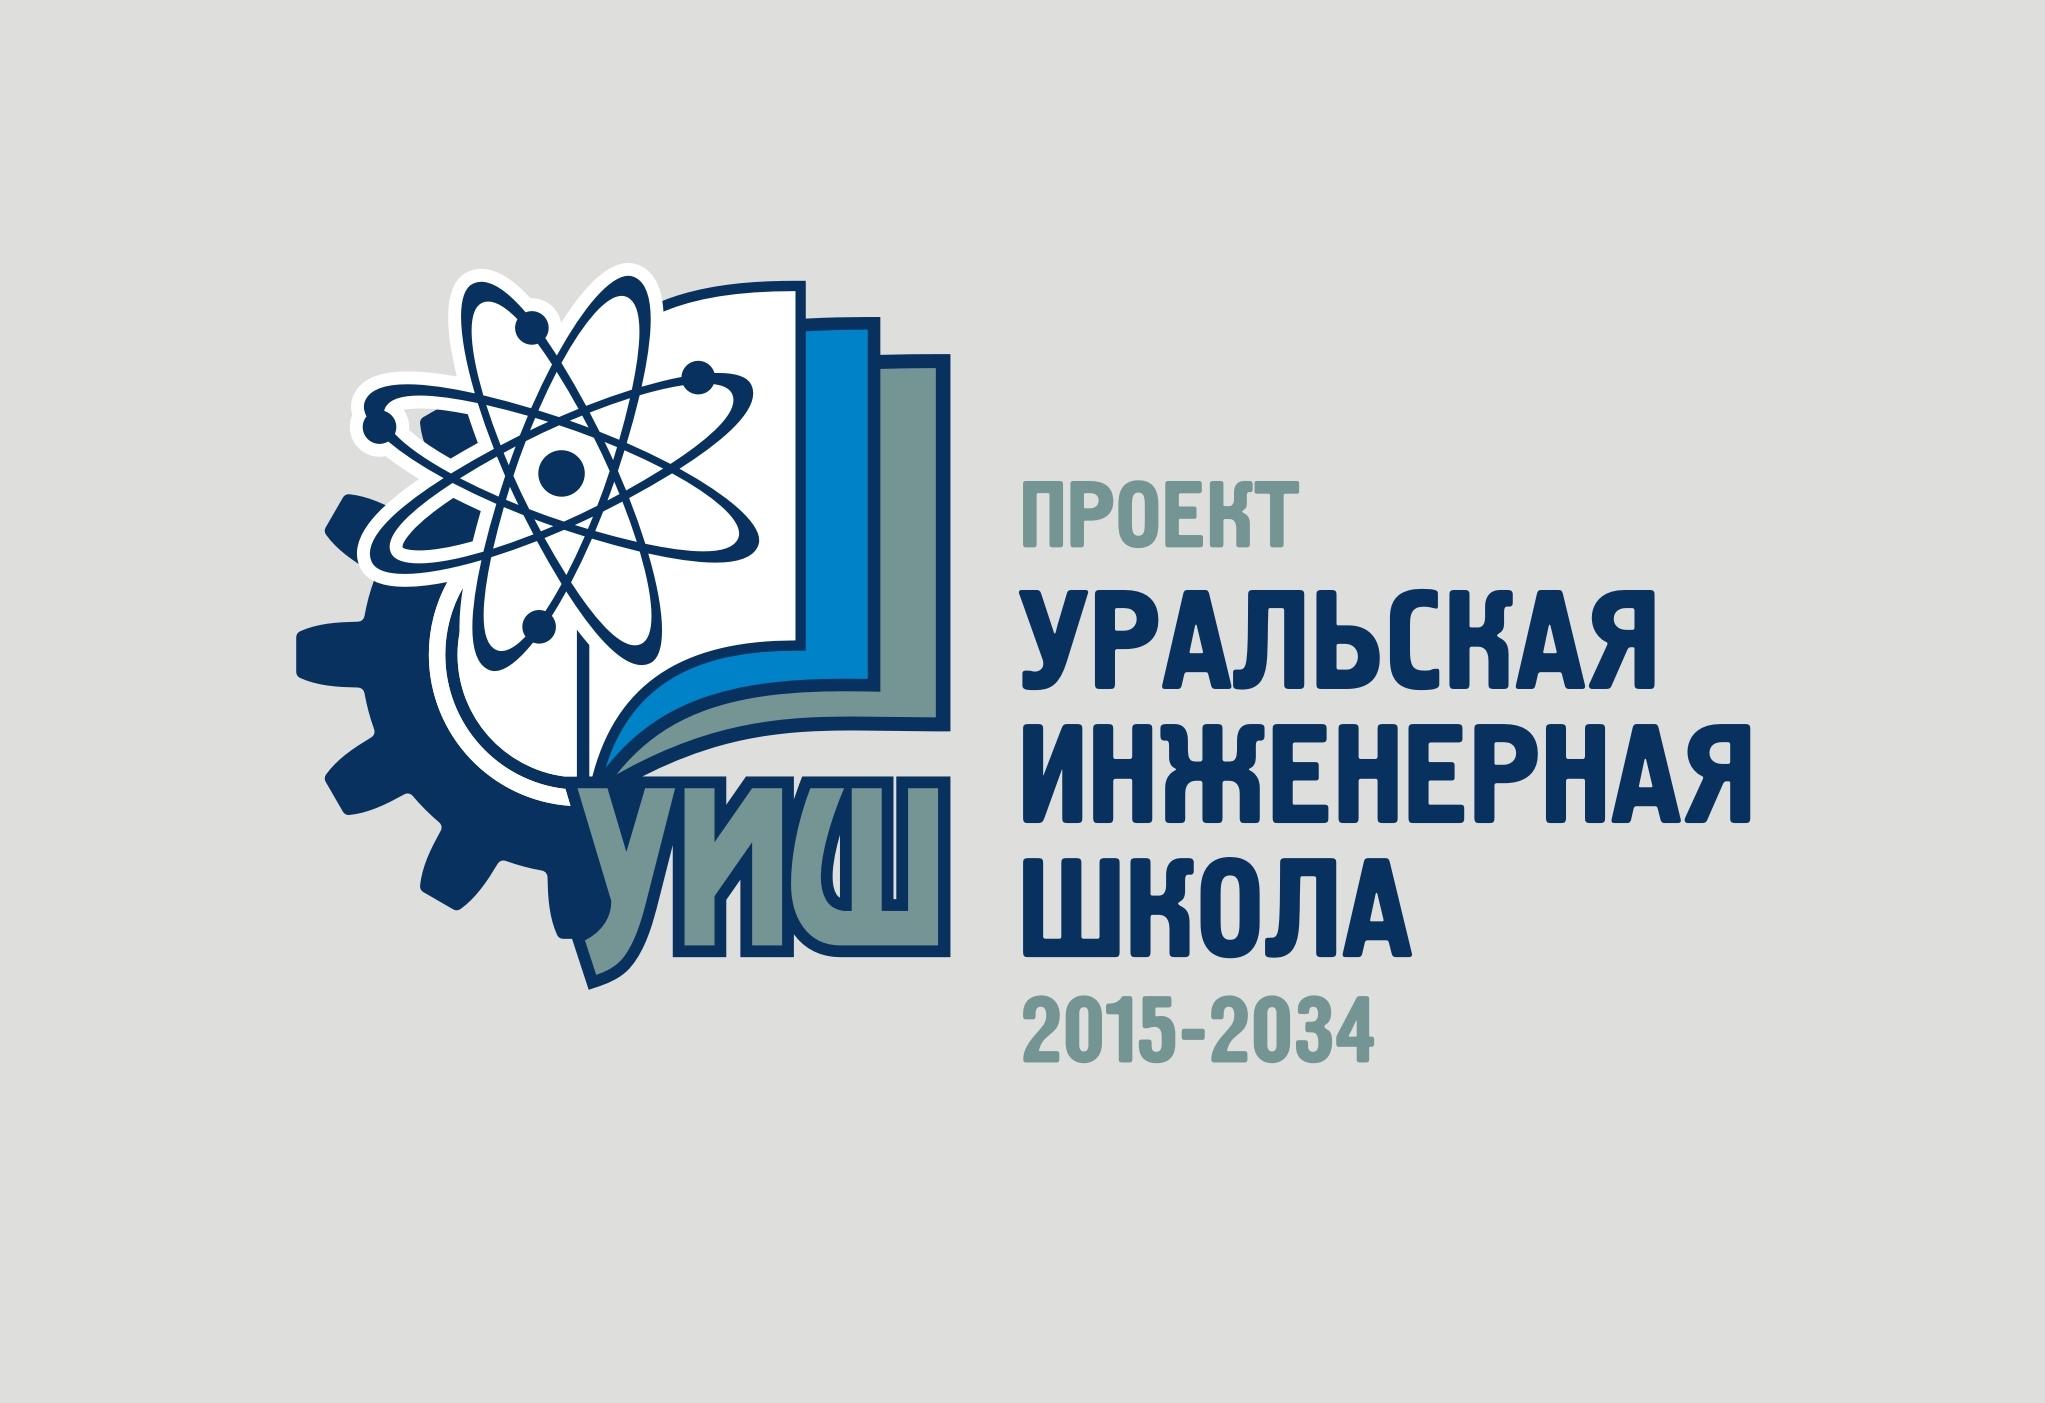 Уральская инженерная школа